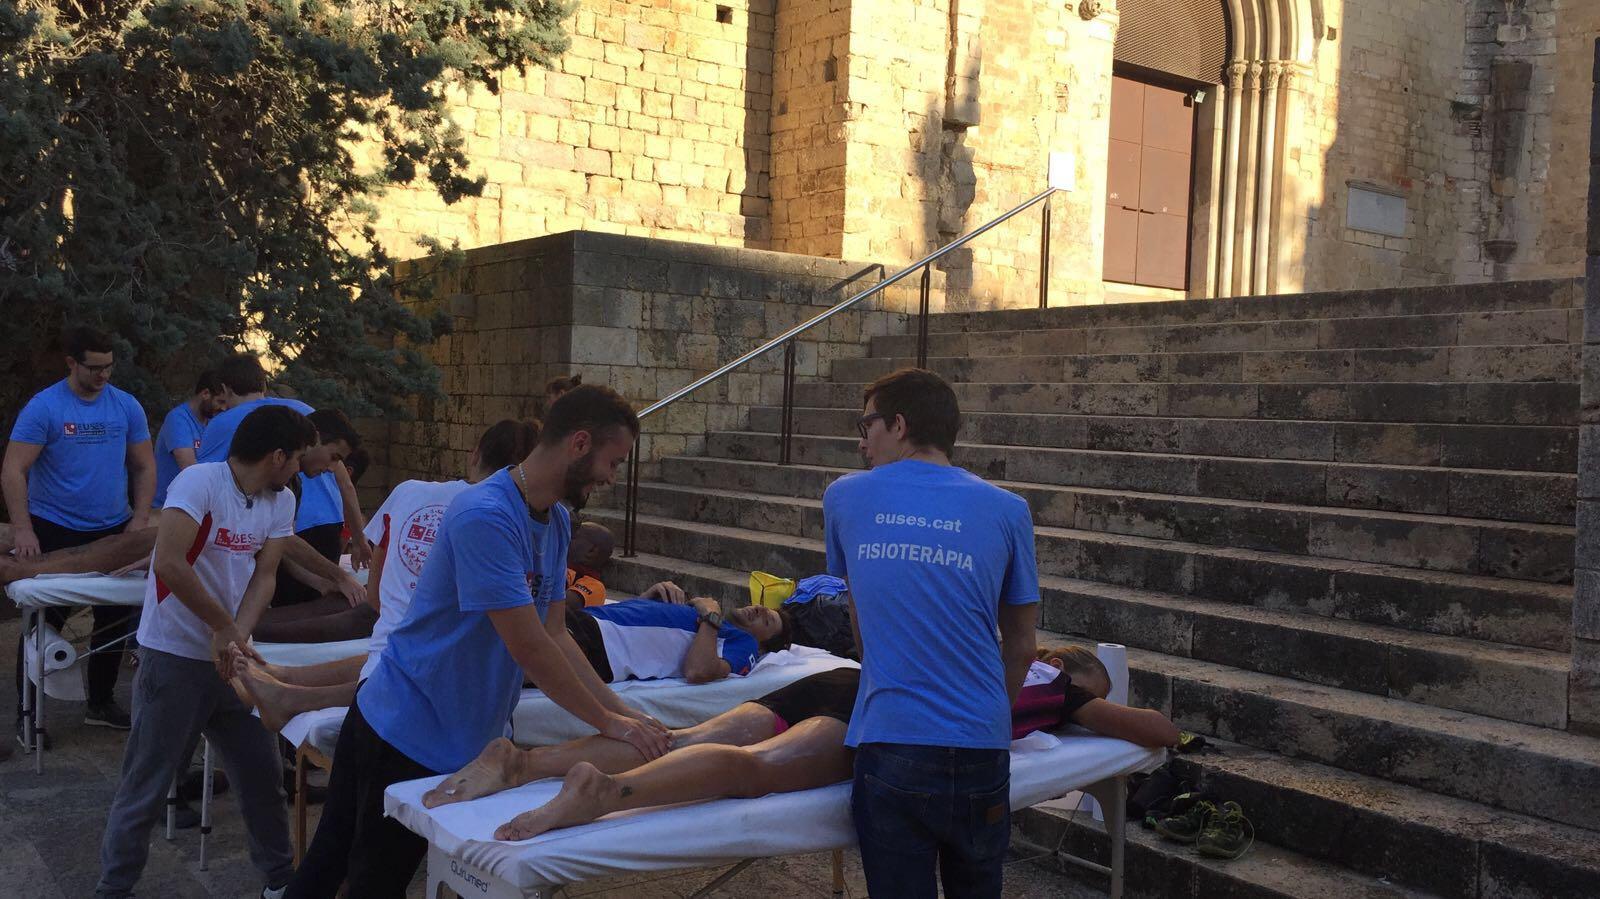 Estudiants del Grau en Fisioteràpia d'EUSES recuperen els participants de la Cursa de Muntanya de Girona